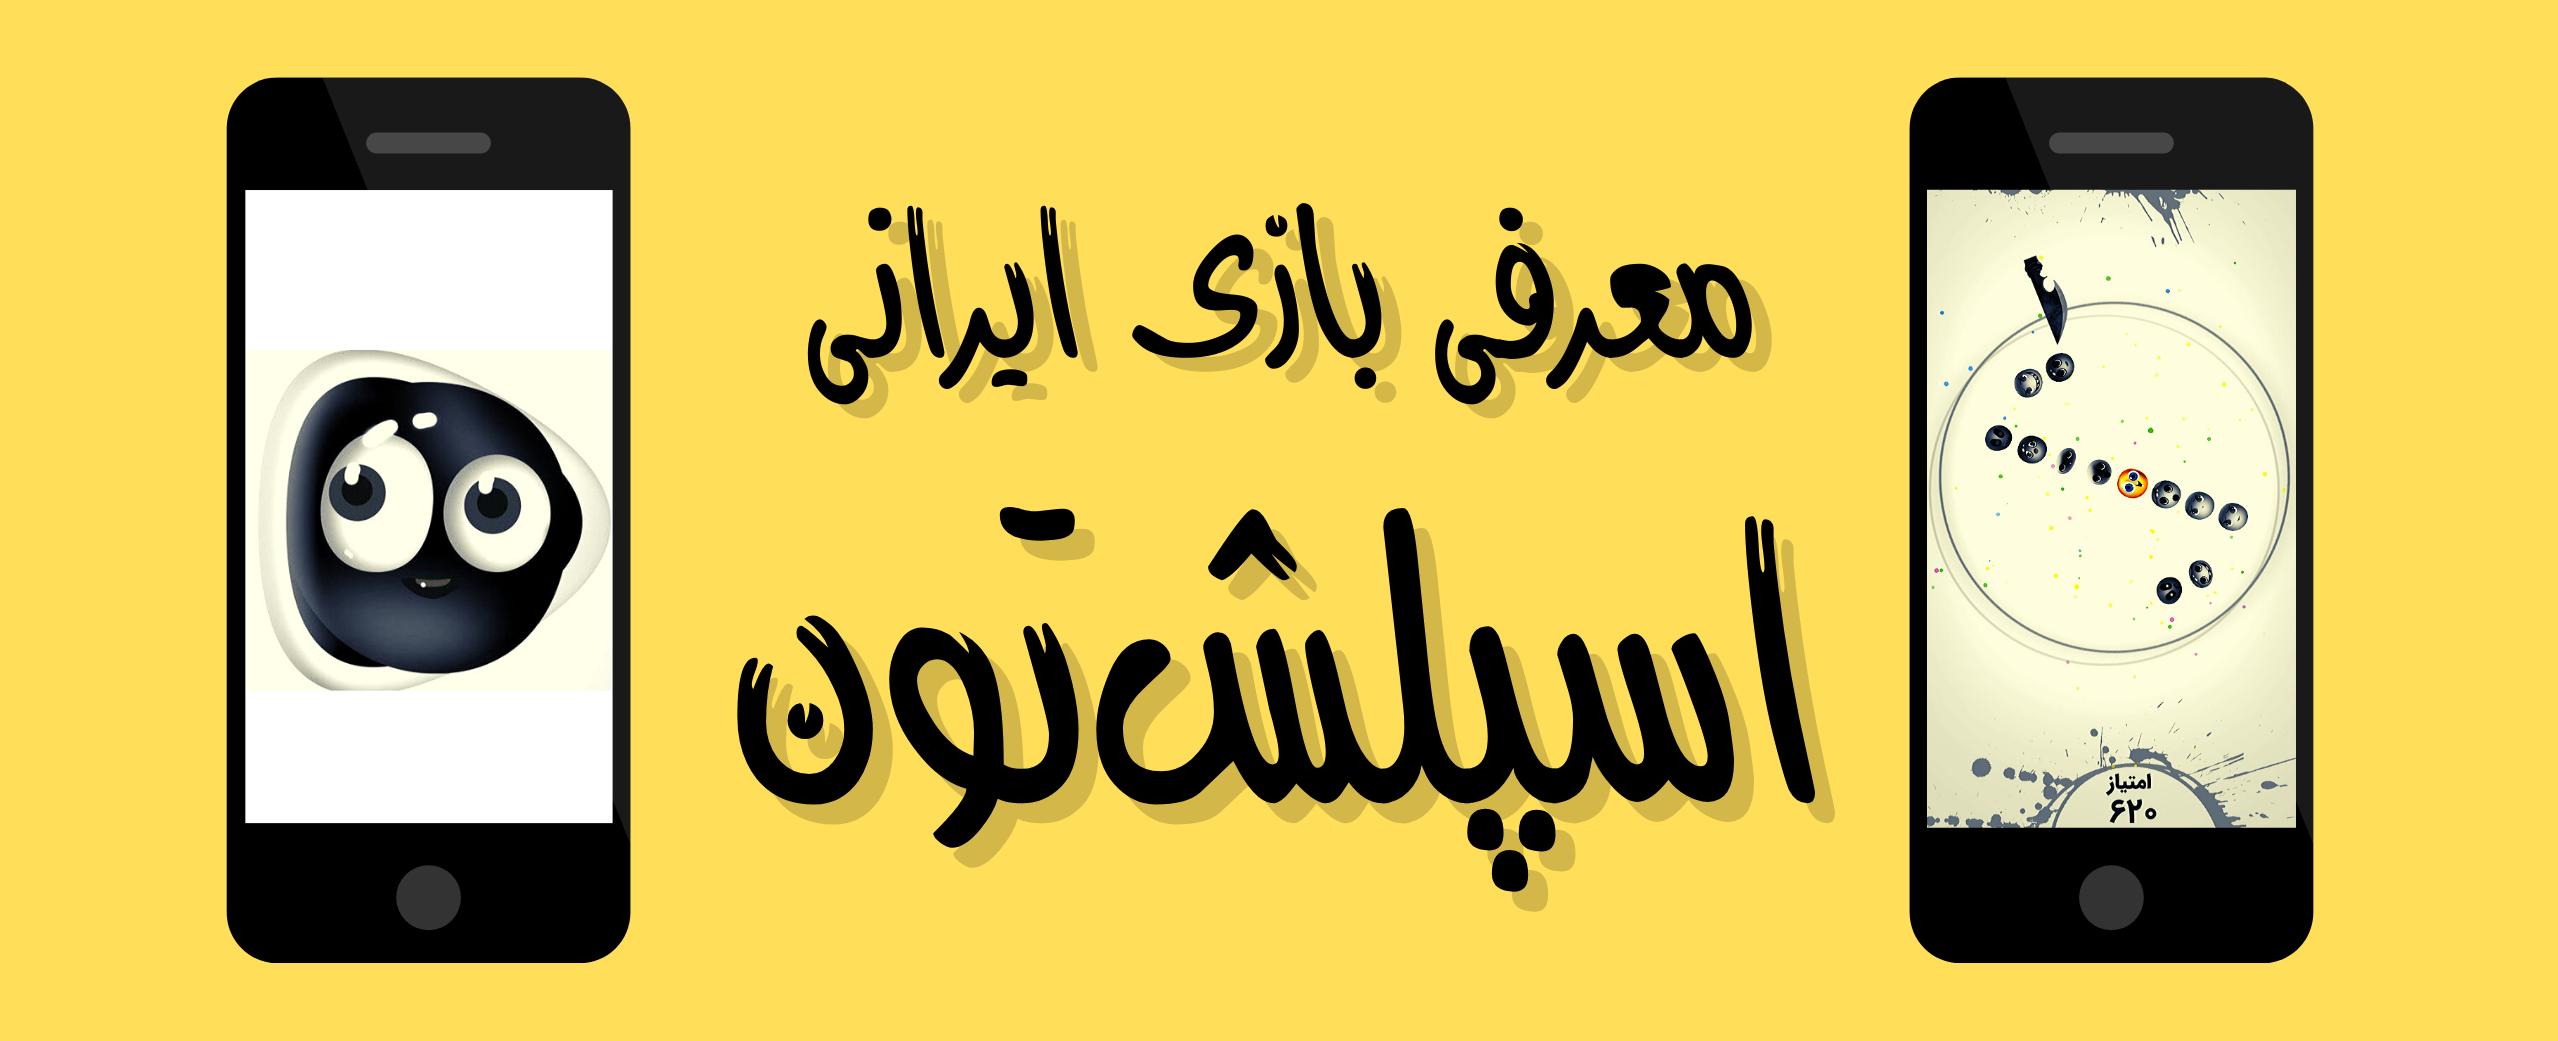 معرّفی بازیِ ایرانی : اسپلشتون